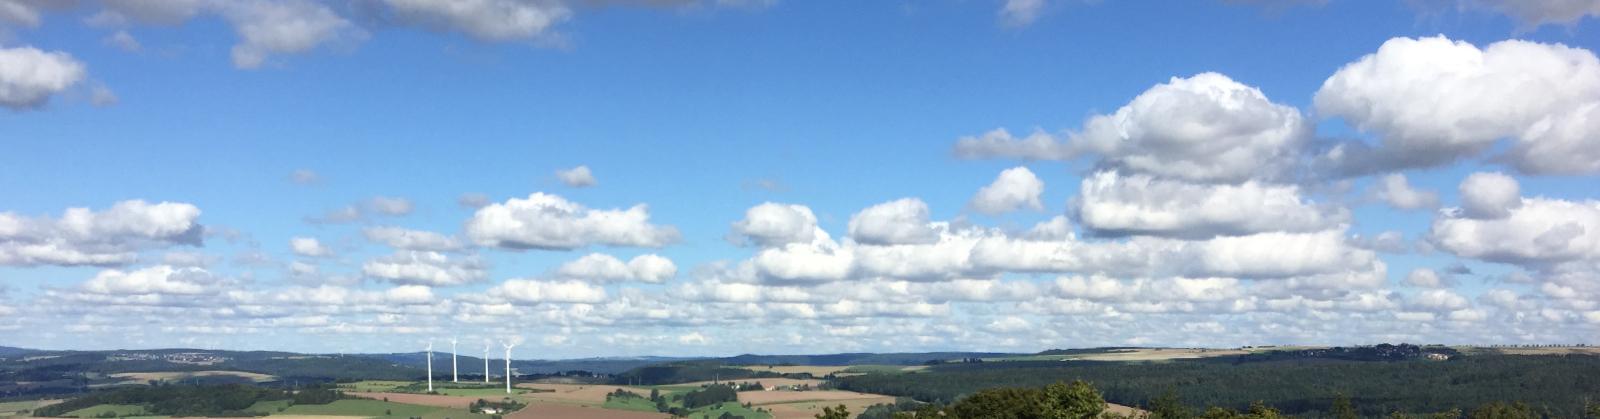 Fernblick mit Wolken